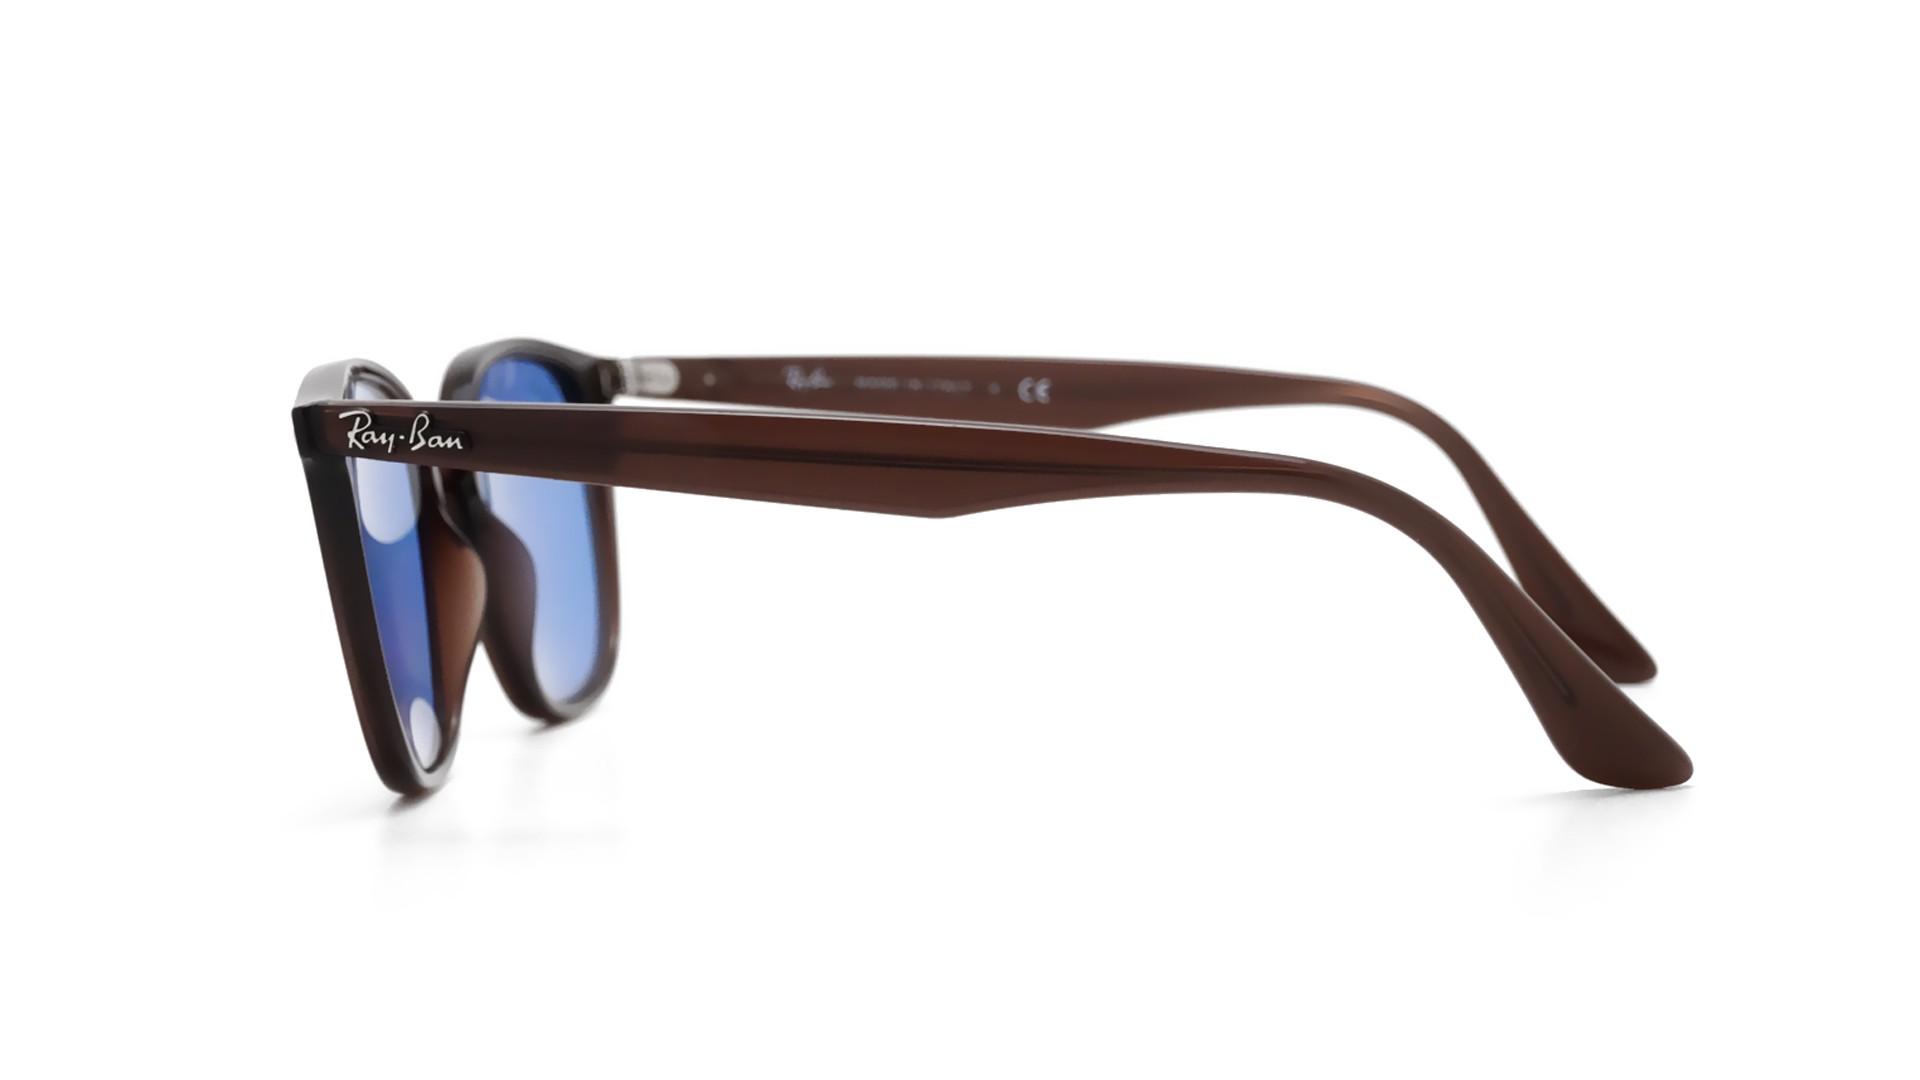 451d425586c Sonnenbrillen Ray-Ban Shiny opal brown Braun RB4258 62311N 50-20 Mittel  Verspiegelte Gläser